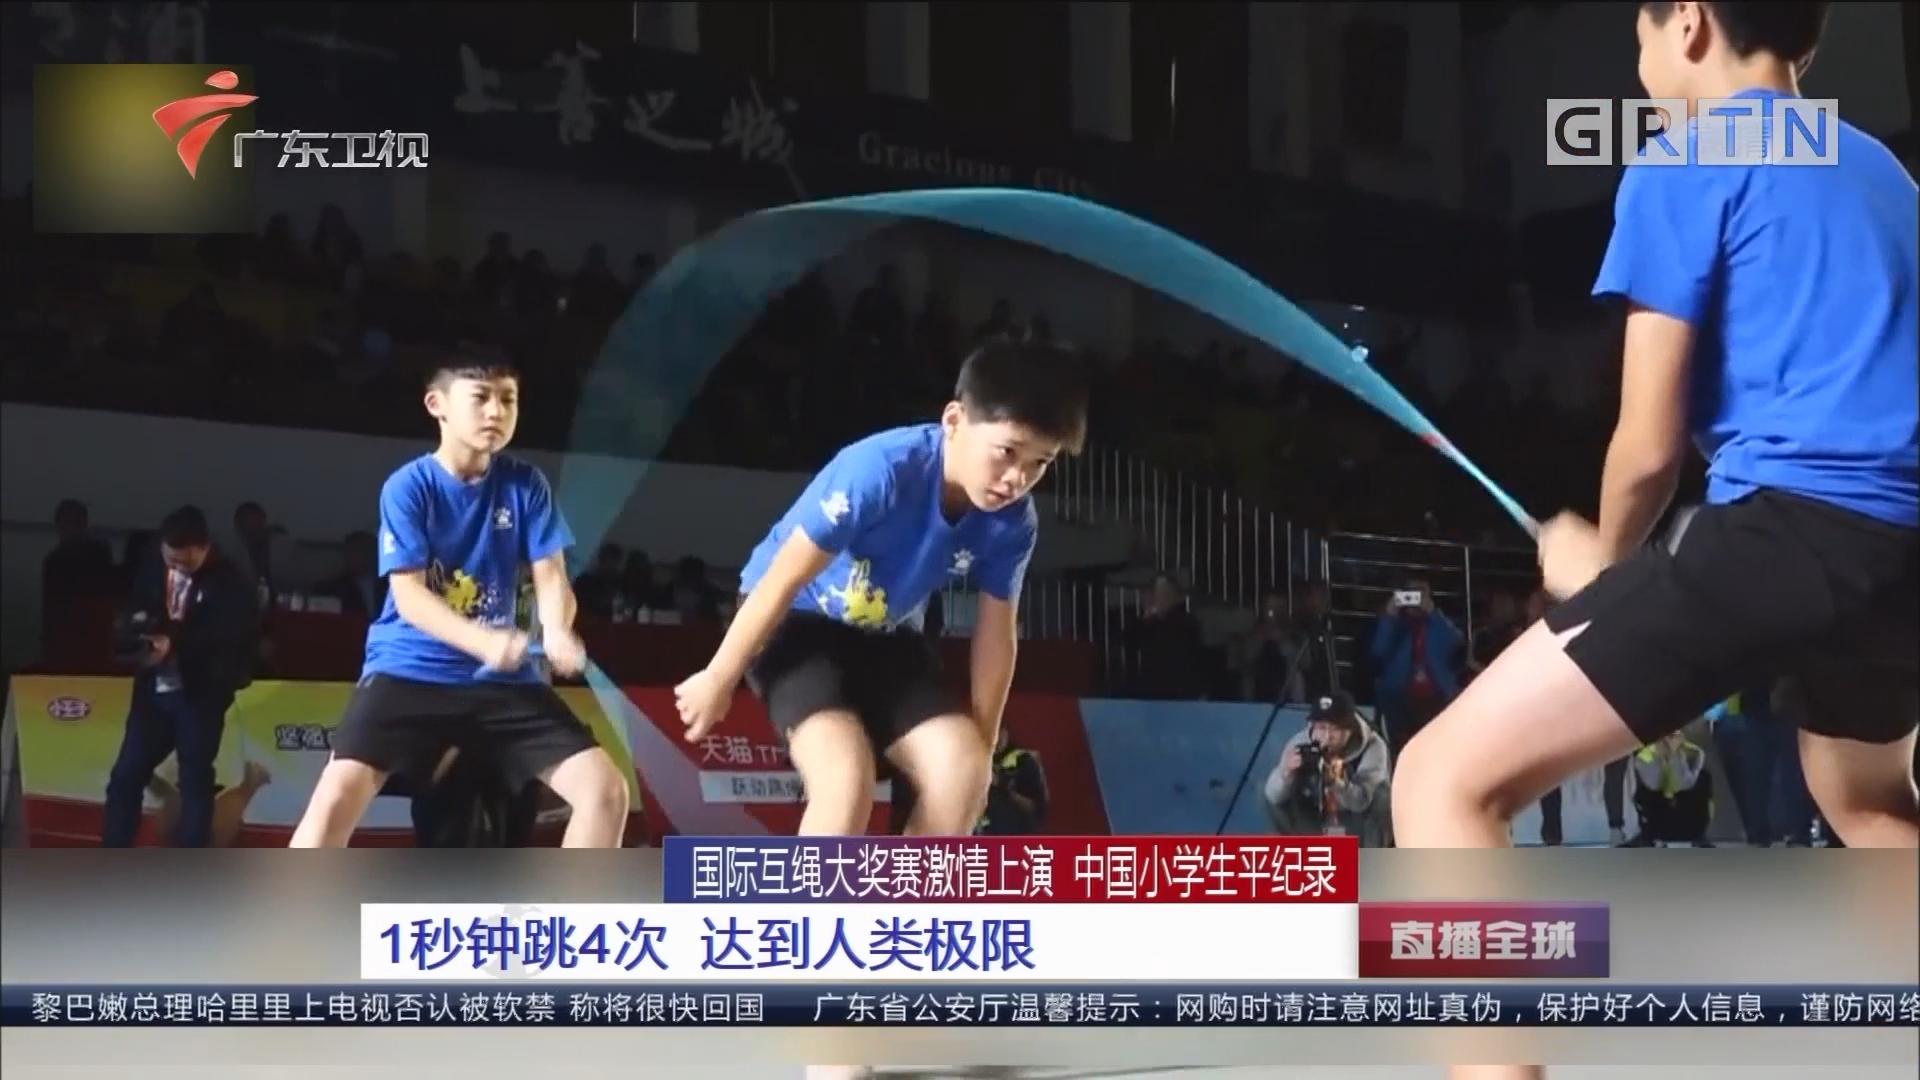 国际互绳大奖赛激情上演 中国小学生平记录 1秒钟跳4次 达到人类极限